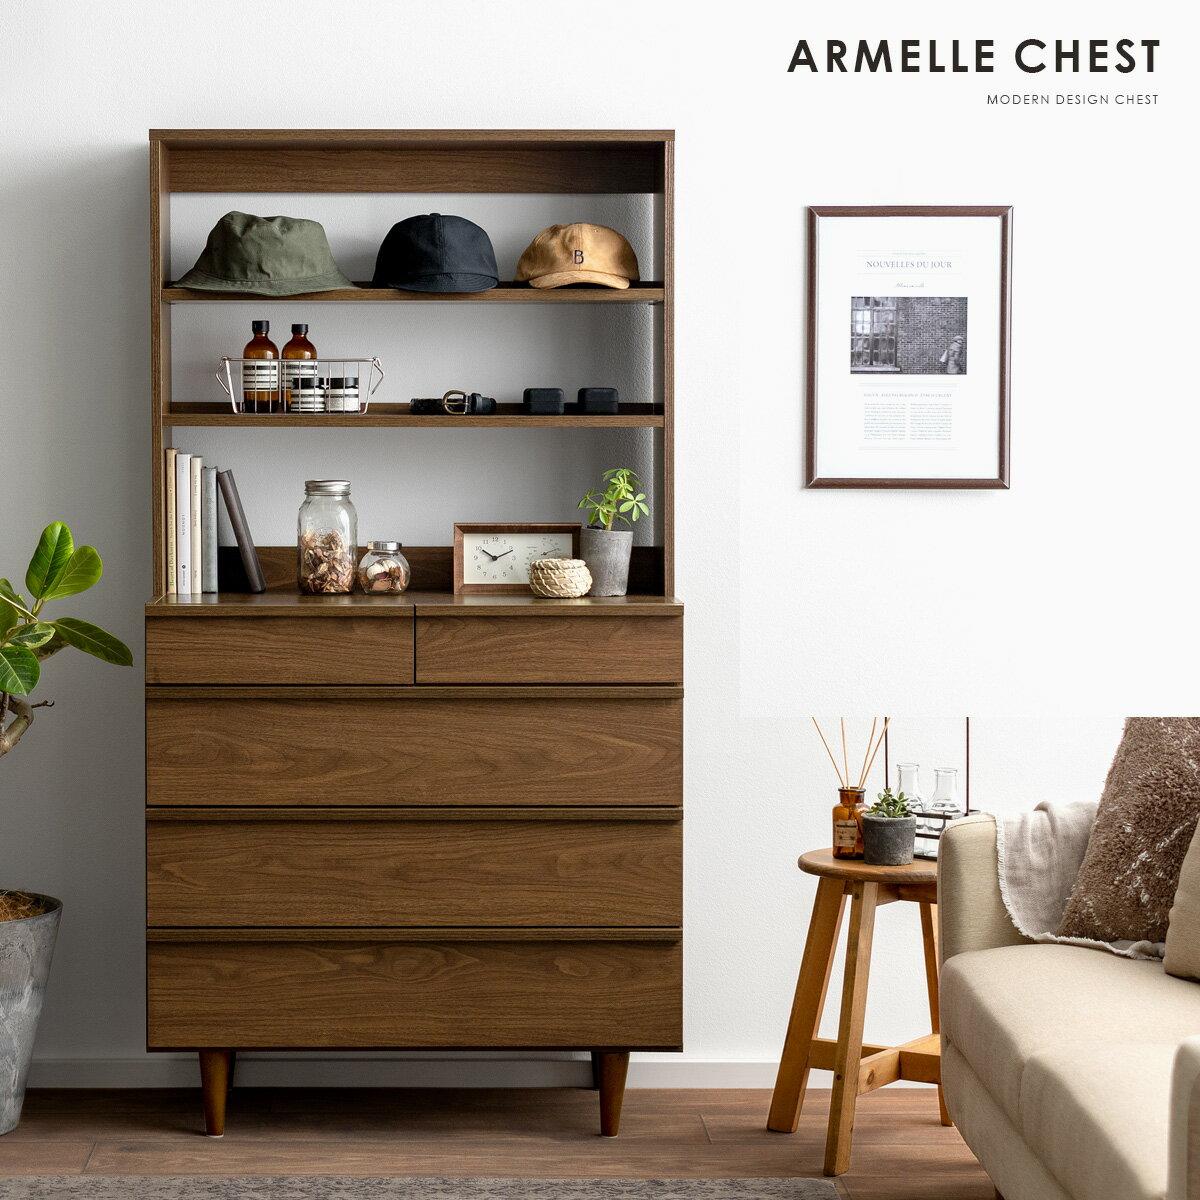 本棚 シェルフ ラック付きデザインチェスト ARMELLE〔アルメル〕 木製 ブラウン 北欧 ラック 棚 収納 ダークブラウン ナチュラル&ホワイト